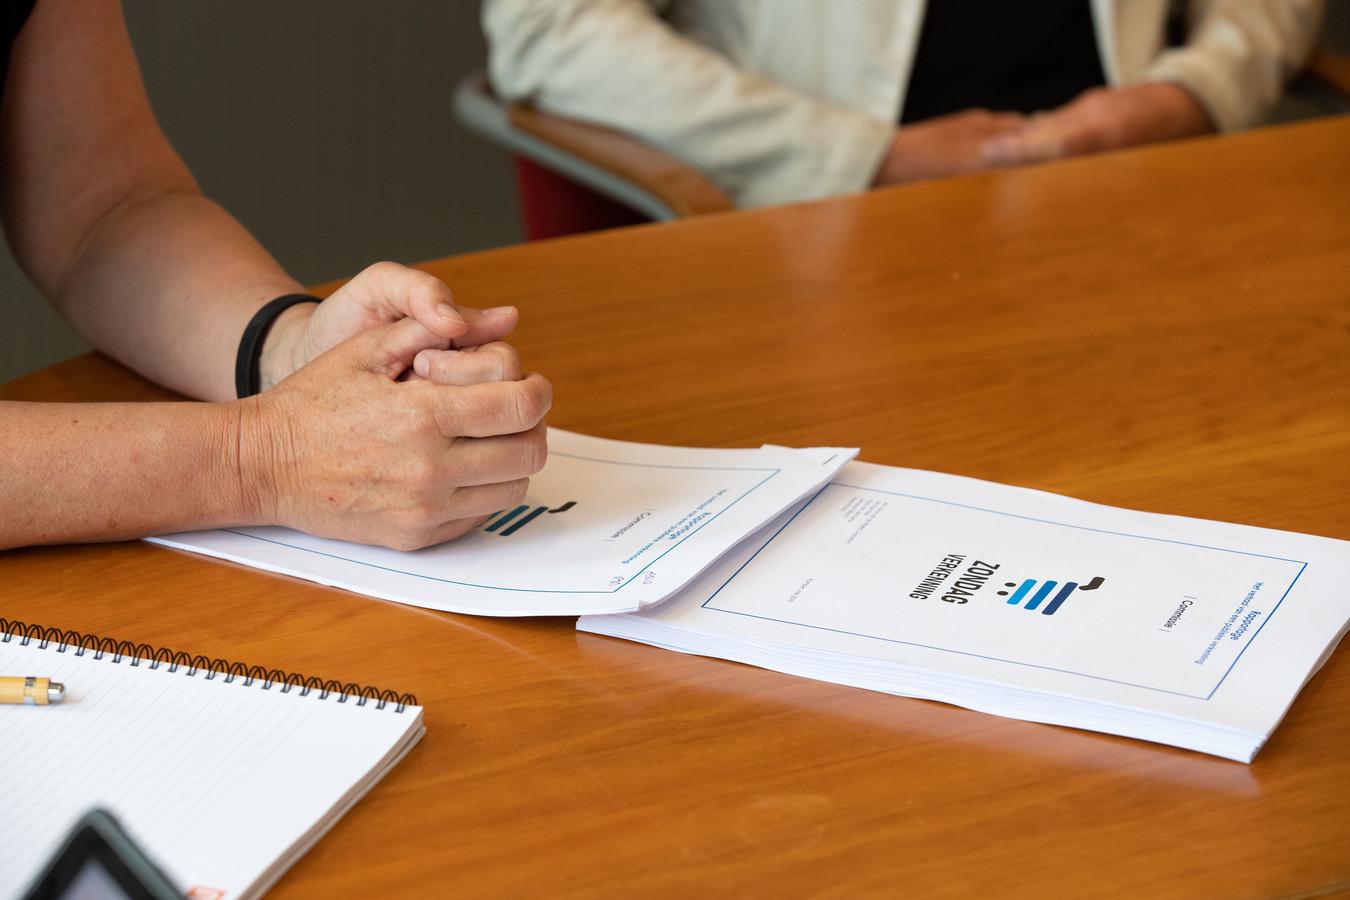 Commissie zondagverkenning presenteerde dinsdag rapportage over boodschappen doen op zondag in Kampen.